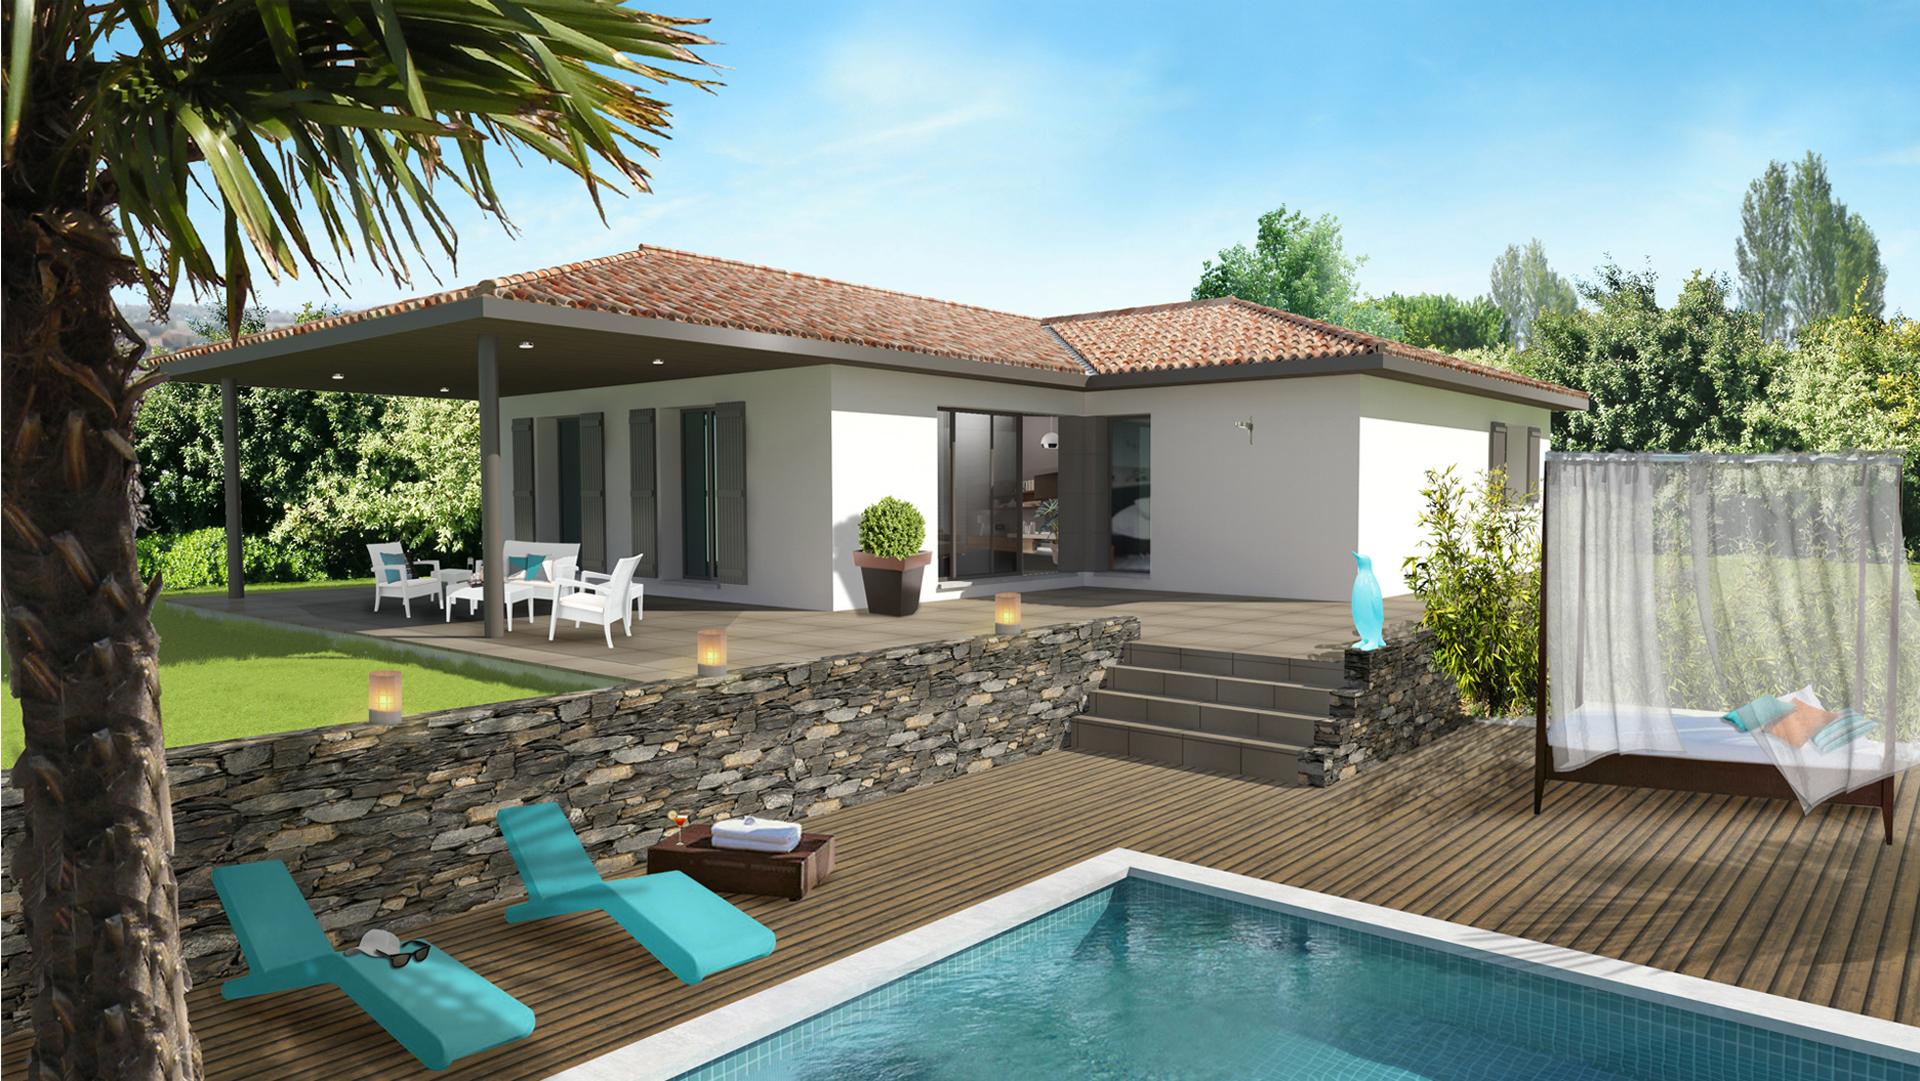 13-maison-piscine.jpg